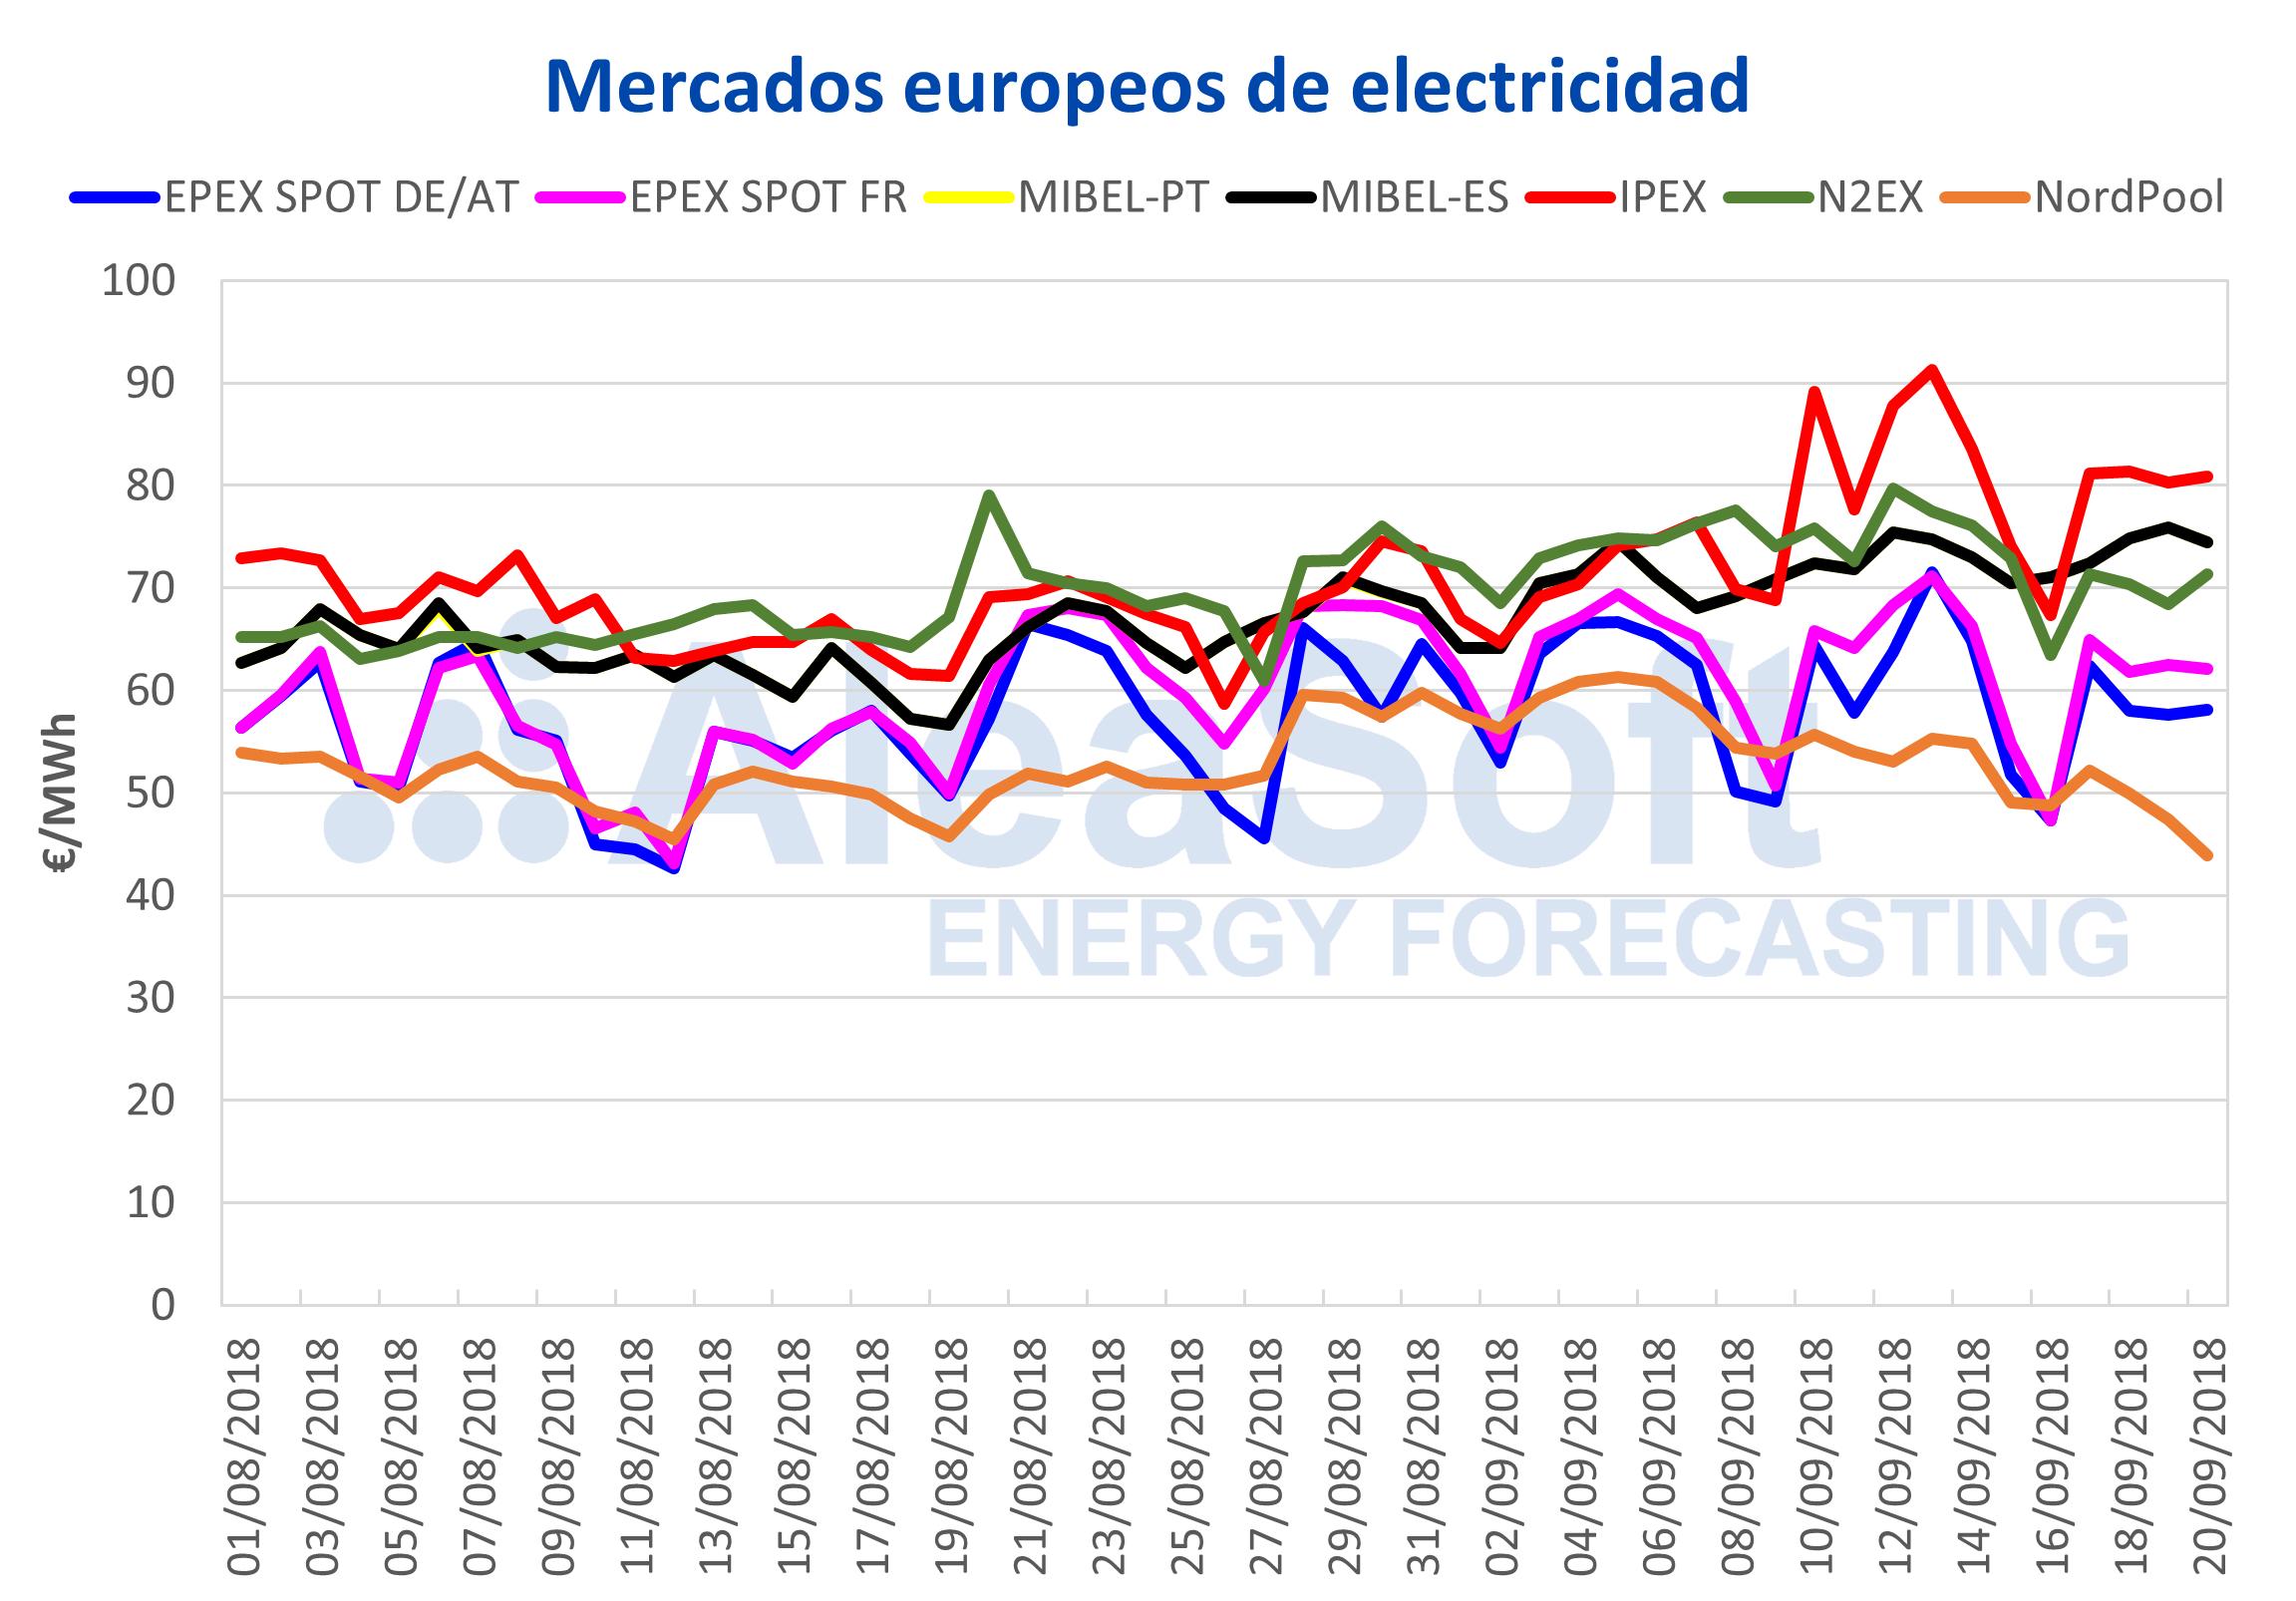 AleaSoft - Caída de futuros de electricidad para España y Portugal